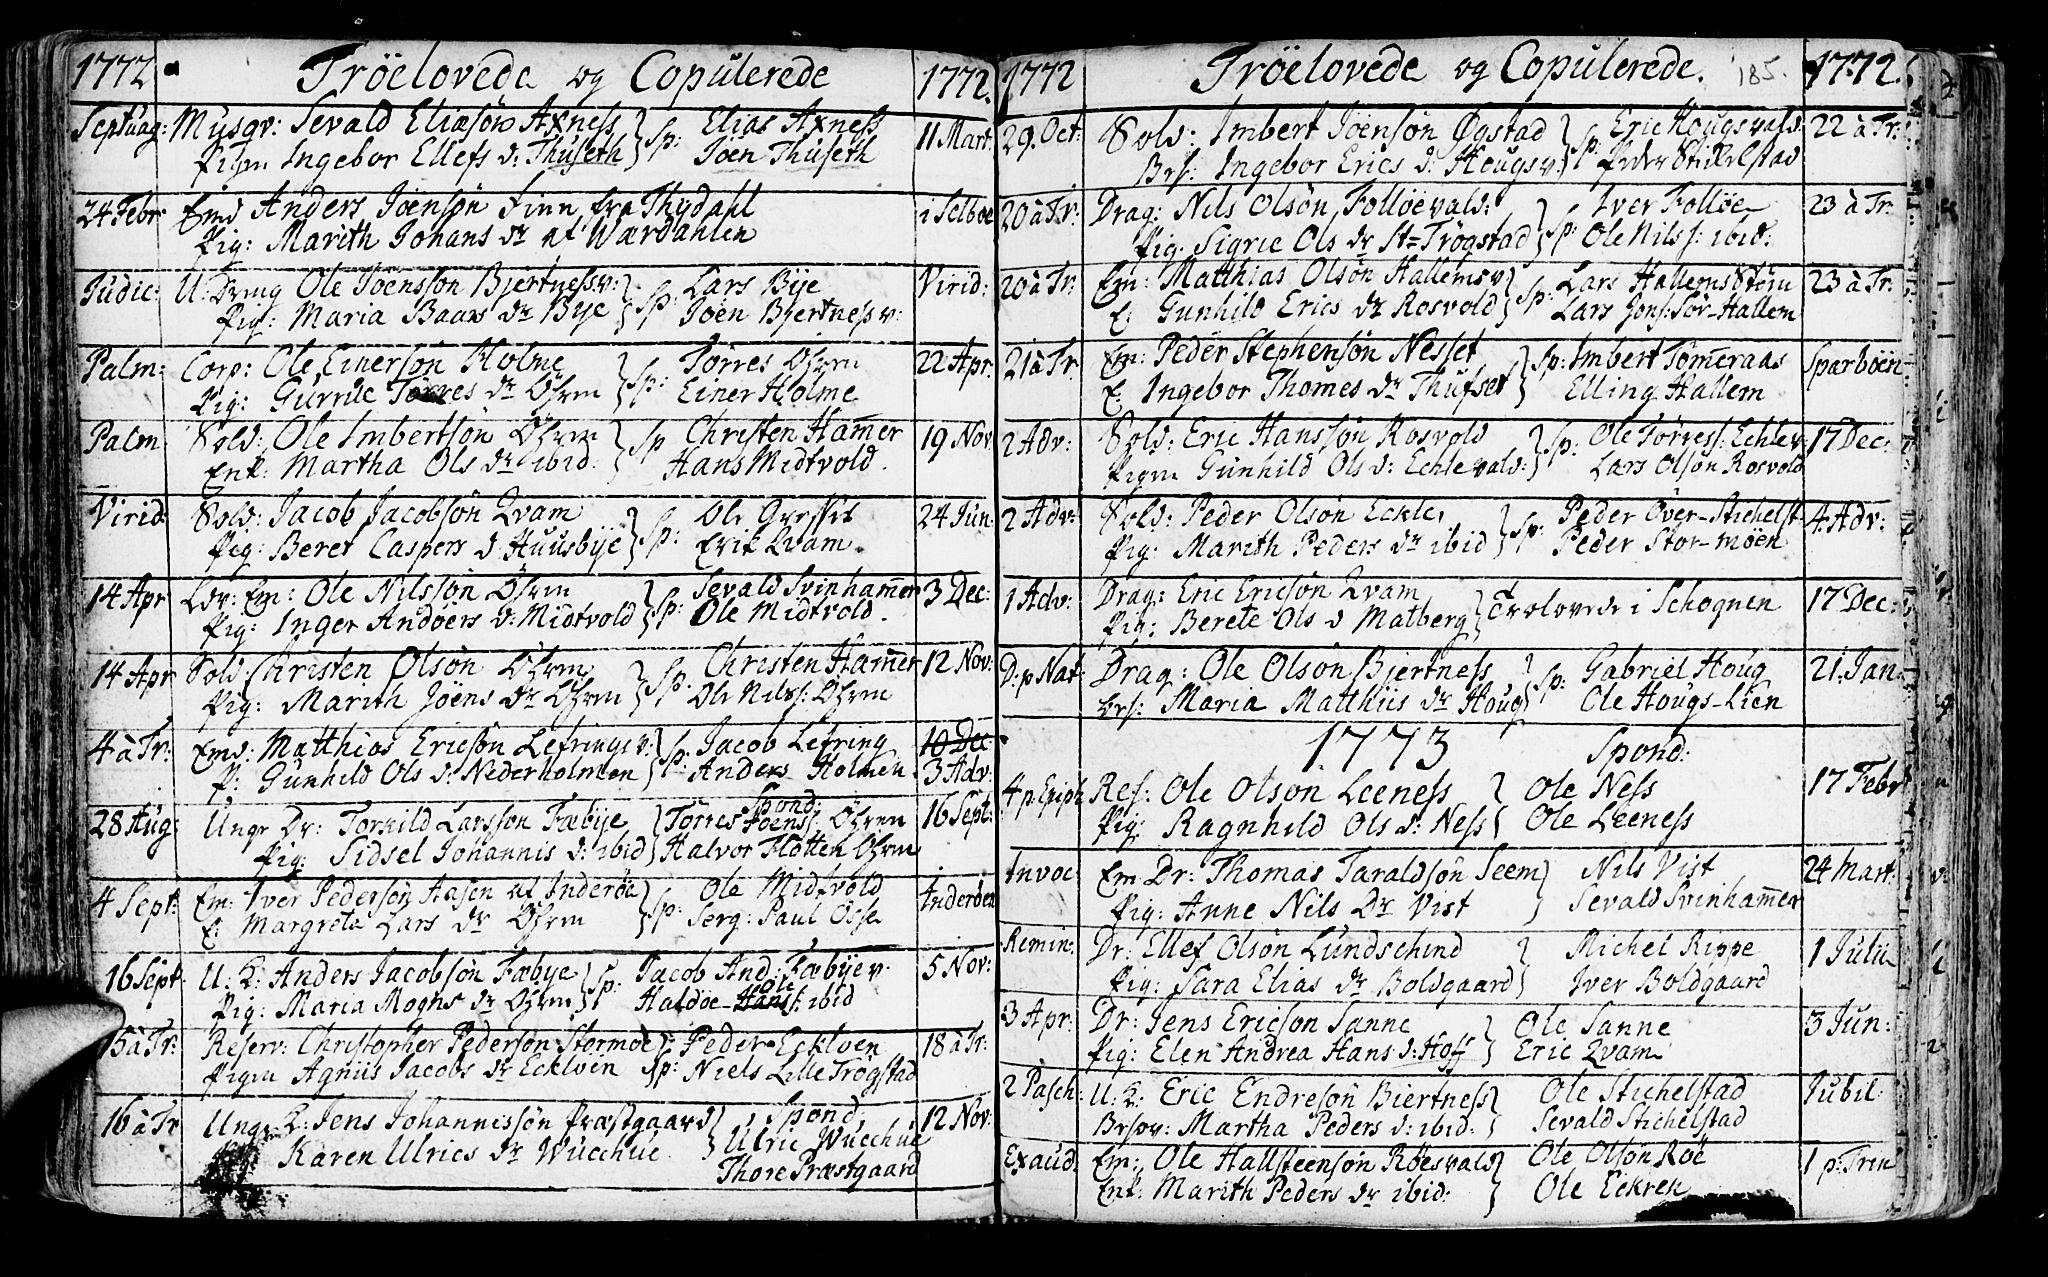 SAT, Ministerialprotokoller, klokkerbøker og fødselsregistre - Nord-Trøndelag, 723/L0231: Ministerialbok nr. 723A02, 1748-1780, s. 185